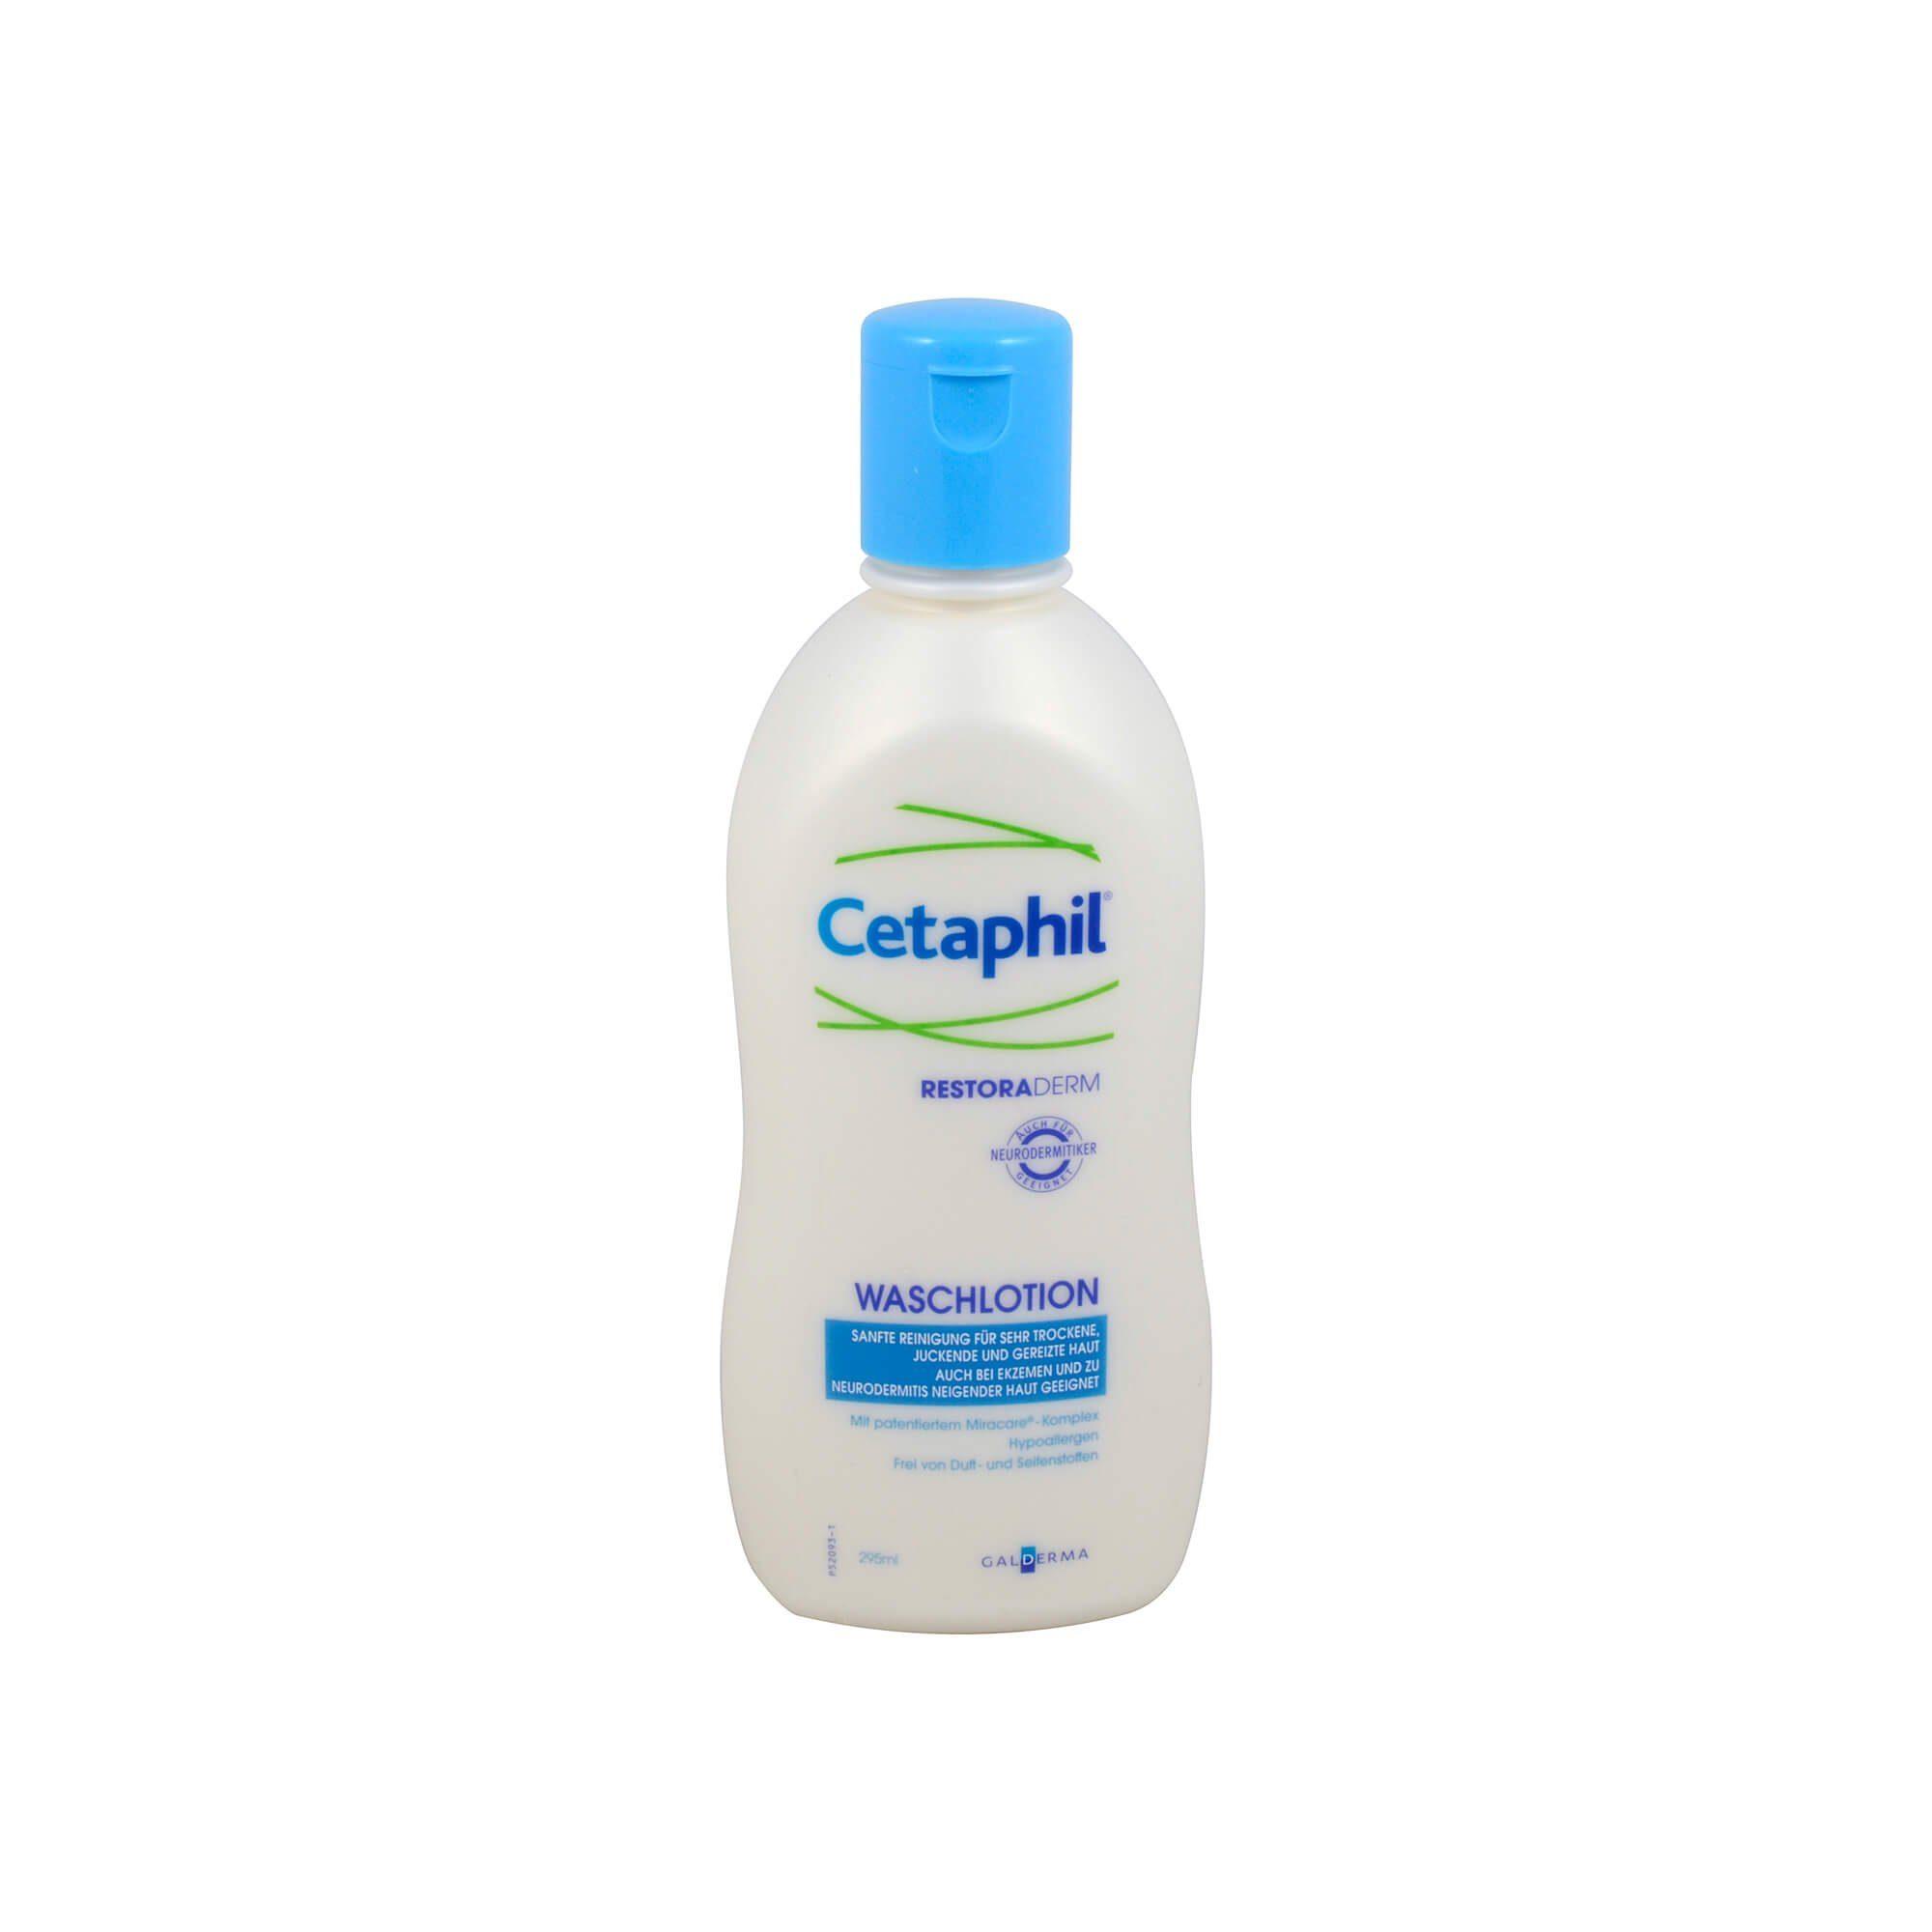 Cetaphil Restoraderm Waschlotion, 295 ml